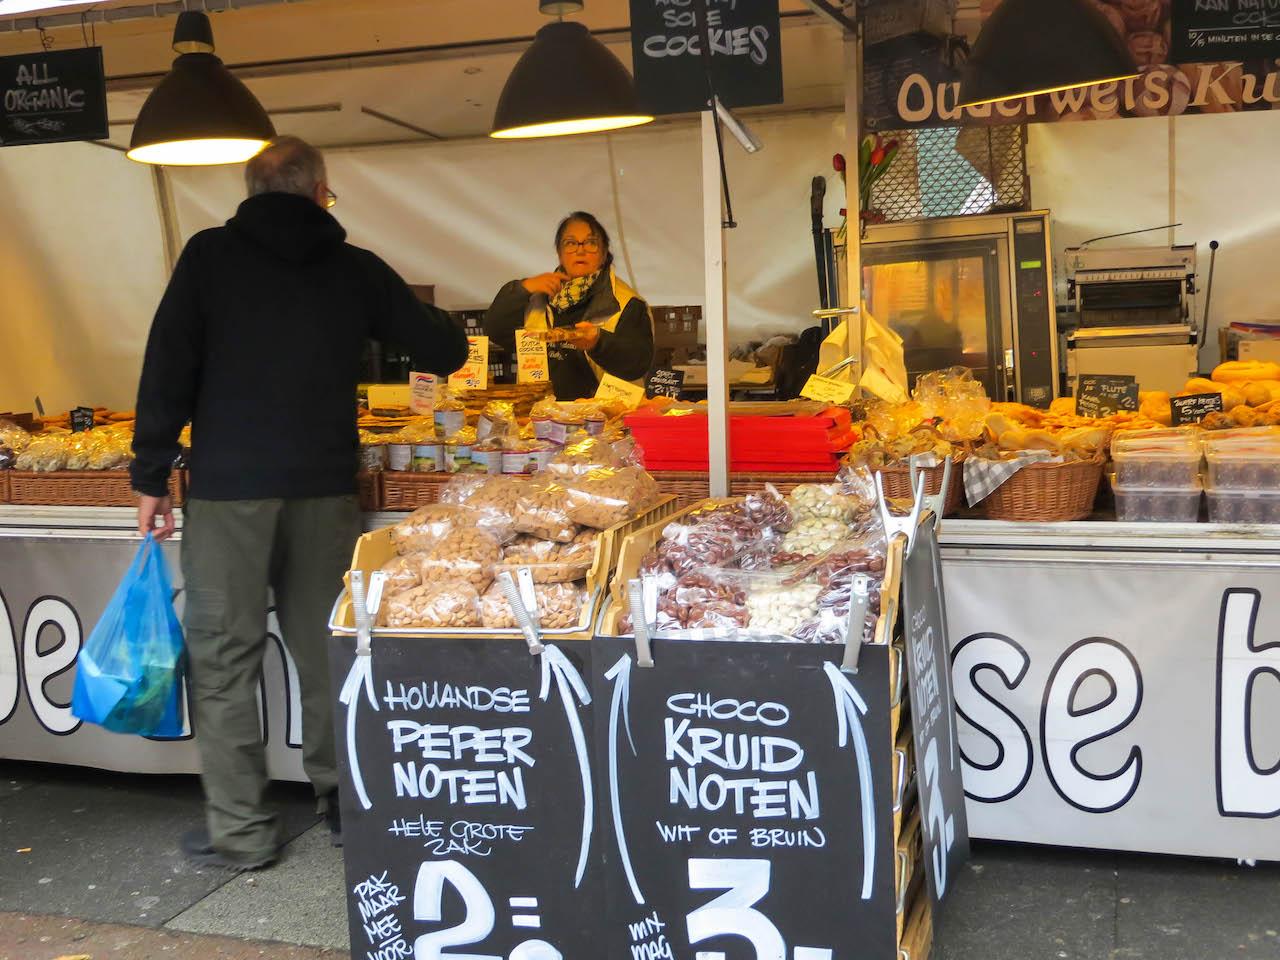 Besuch auf dem Albert Cuyp Markt.